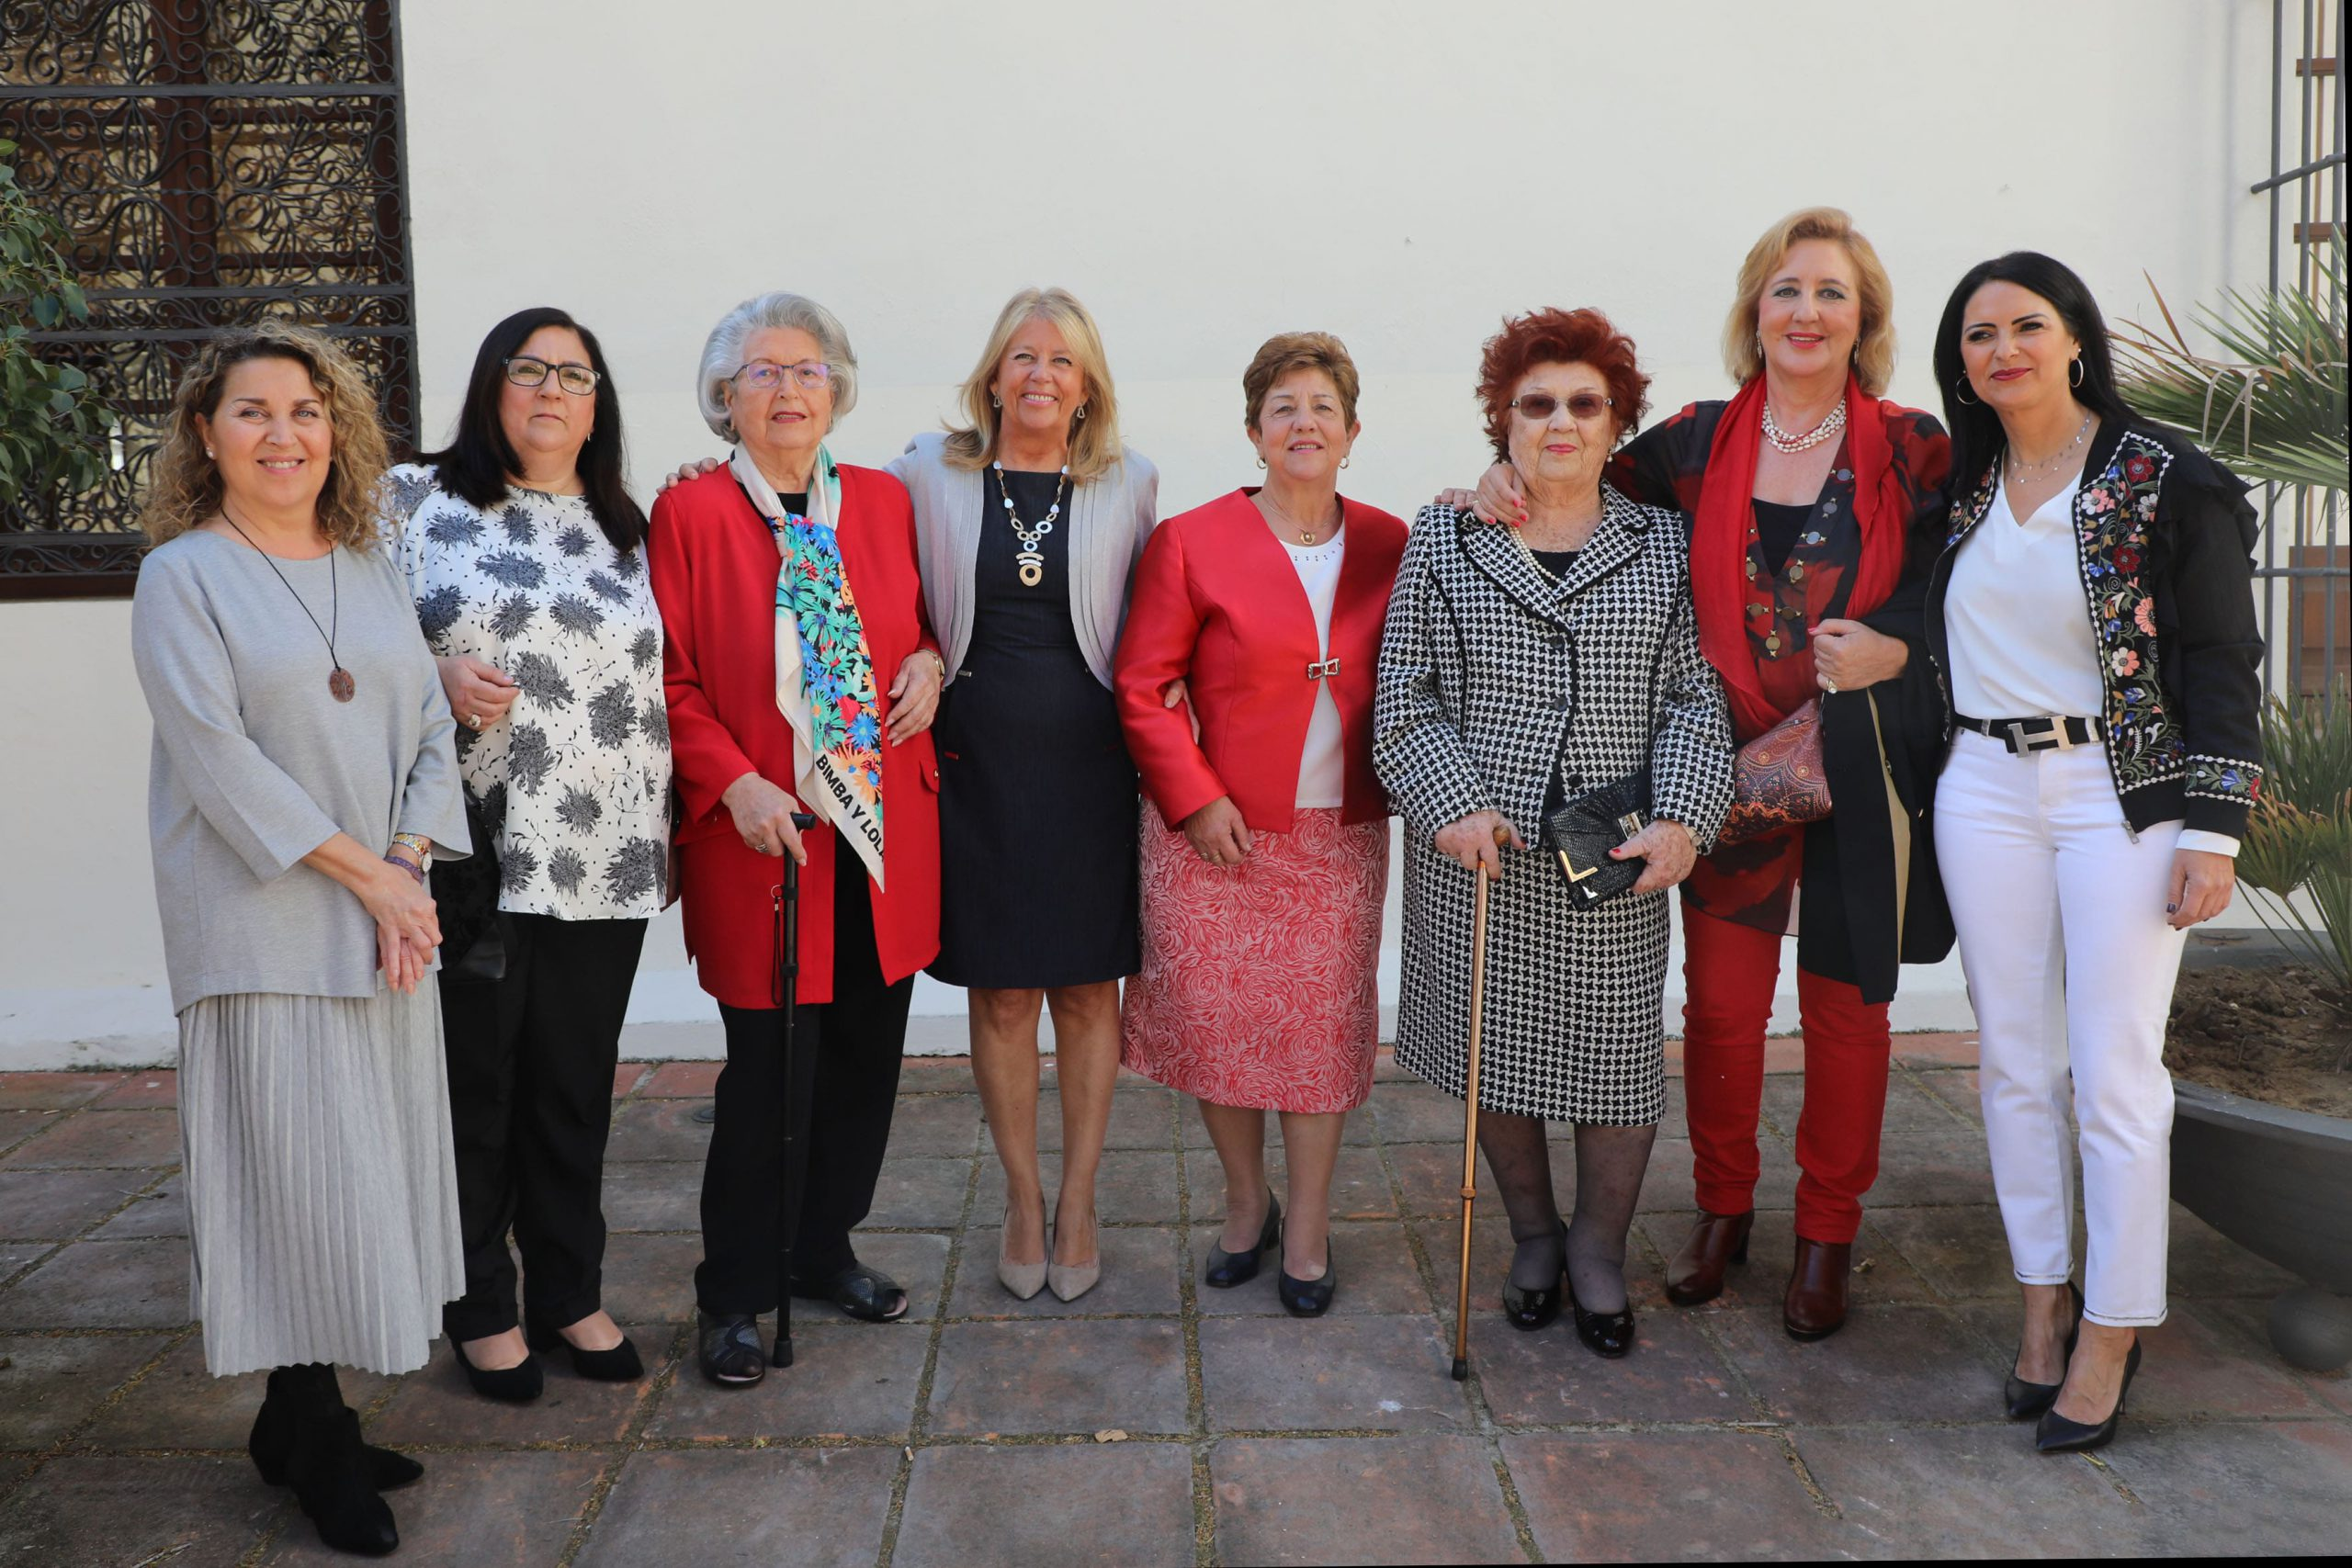 Rinden homenaje a cinco mujeres del municipio en el Día Internacional de las Mujeres